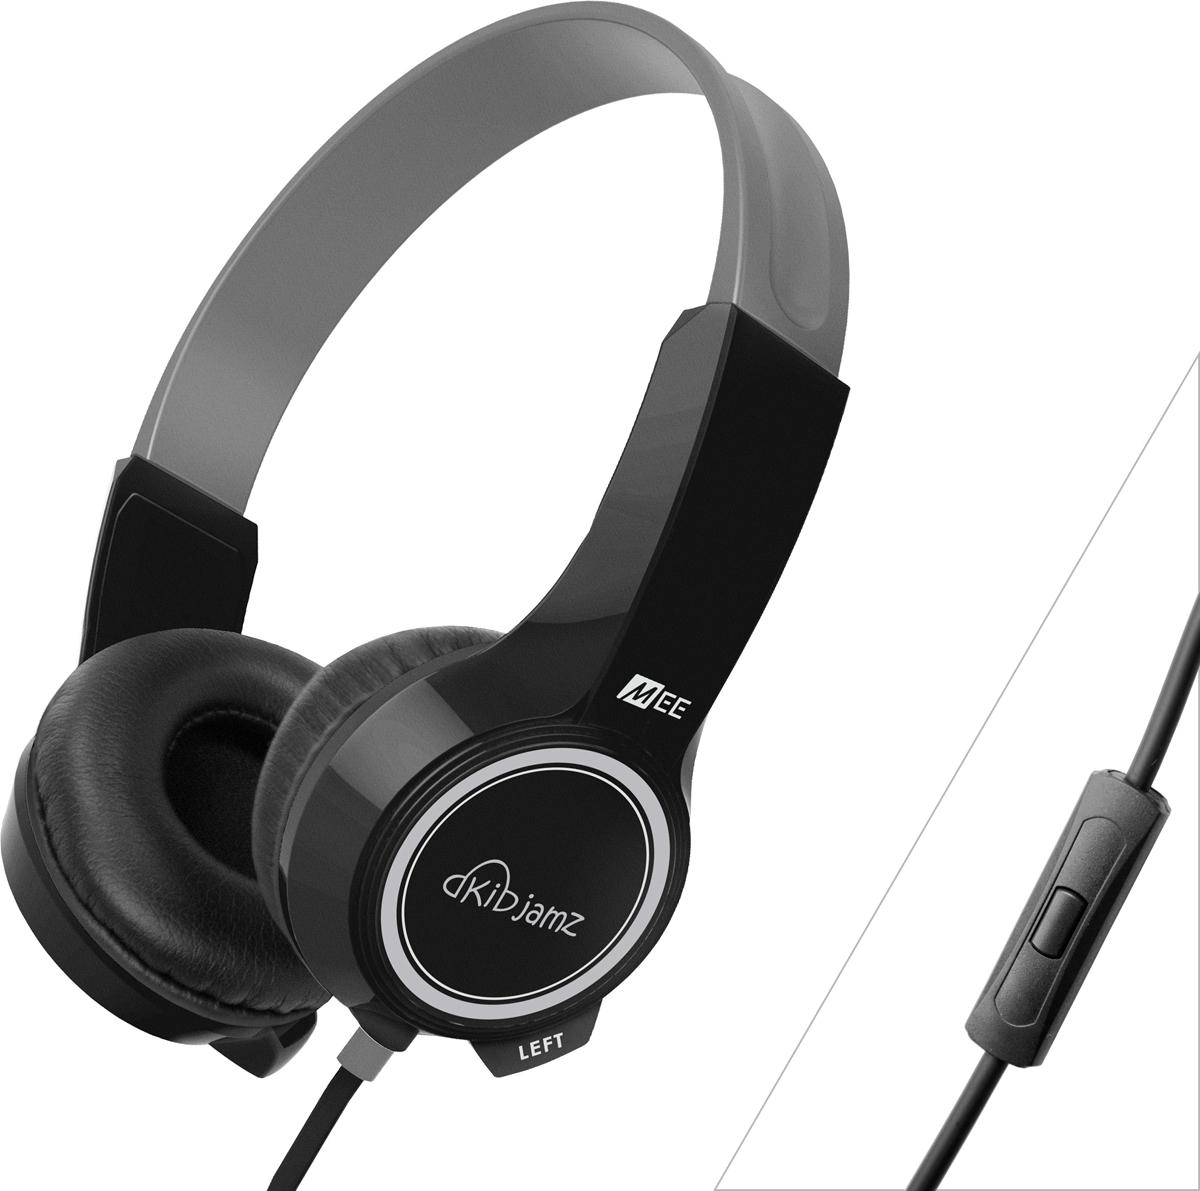 MEE audio KIDJAMZ KJ25P, Black наушникиHP-KJ25P-BK-MEEMEE audio KIDJAMZ KJ25P - Безопасные наушники для прослушивания для детей. Слух ценен и нуждается в защите независимо от возраста, так как даже кратковременное воздействие громких звуков могут вызвать его потерю. Звуки, окружающие нас в повседневной жизни, иногда превышают безопасные уровни громкости, но с наушниками MEE audio KidJamz KJ25P родители могут не беспокоиться о слухе своих детей.Ограничители громкости, легкая конструкция и ударопрочный дизайн - MEE audio KidJamz KJ25P защищает слух детей при просмотре фильмов, музыки, игр и многого другого. В наушниках KIDJAMZ KJ25P предусмотрена технология ограничения громкости, которая защищает слух ваших детей, поэтому вам больше не нужно постоянно контролировать громкость и количество времени, проводимое ими за усройствами.ТЕХНОЛОГИЯ ОГРАНИЧЕНИЯ ГРОМКОСТИ В то время, как обычные наушники и наушники могут превышать безопасные уровни громкости на 30%, KIDJAMZ KJ25P использует собственный ограничитель громкости для автоматического поддержания уровня звукового давления (SPL) при рекомендованном врачами 85 дБ, защищая уши детей и помогая создавать хорошие слуховые привычки.ПРОЧНАЯ КОНСТРУКЦИЯ KIDJAMZ KJ25P обеспечивают отличную долговечность благодаря минимальному количеству подвижных деталей конструкции. Ударопрочное оголовье может быть изогнуто и скручено в любом направлении без трещин и заломов, в то время как прочный кабель толщиной 3,8 мм обладает устойчивостью к разрывам и обладает укрепленными разъемами.РАЗРАБОТАНО СПЕЦИАЛЬНО ДЛЯ ДЕТЕЙ Полулегкий вес 3 унции и регулируемое оголовье KIDJAMZ KJ25P обеспечивают удобную подгонку для детей в возрасте 4-12 лет. Пластмасса BPA-Free безопасна и долговечна, а гипоаллергенные пенные амбушюры надежно удерживают наушники.ФИРМЕННЫЙ ЗВУК MEE audio Создание хороших слуховых привычек начинается с отличного качества звука. MEE audio KIDJAMZ KJ25P настроены на высококачественный стереозвук, четкий и чистый, ровный и не напрягающи